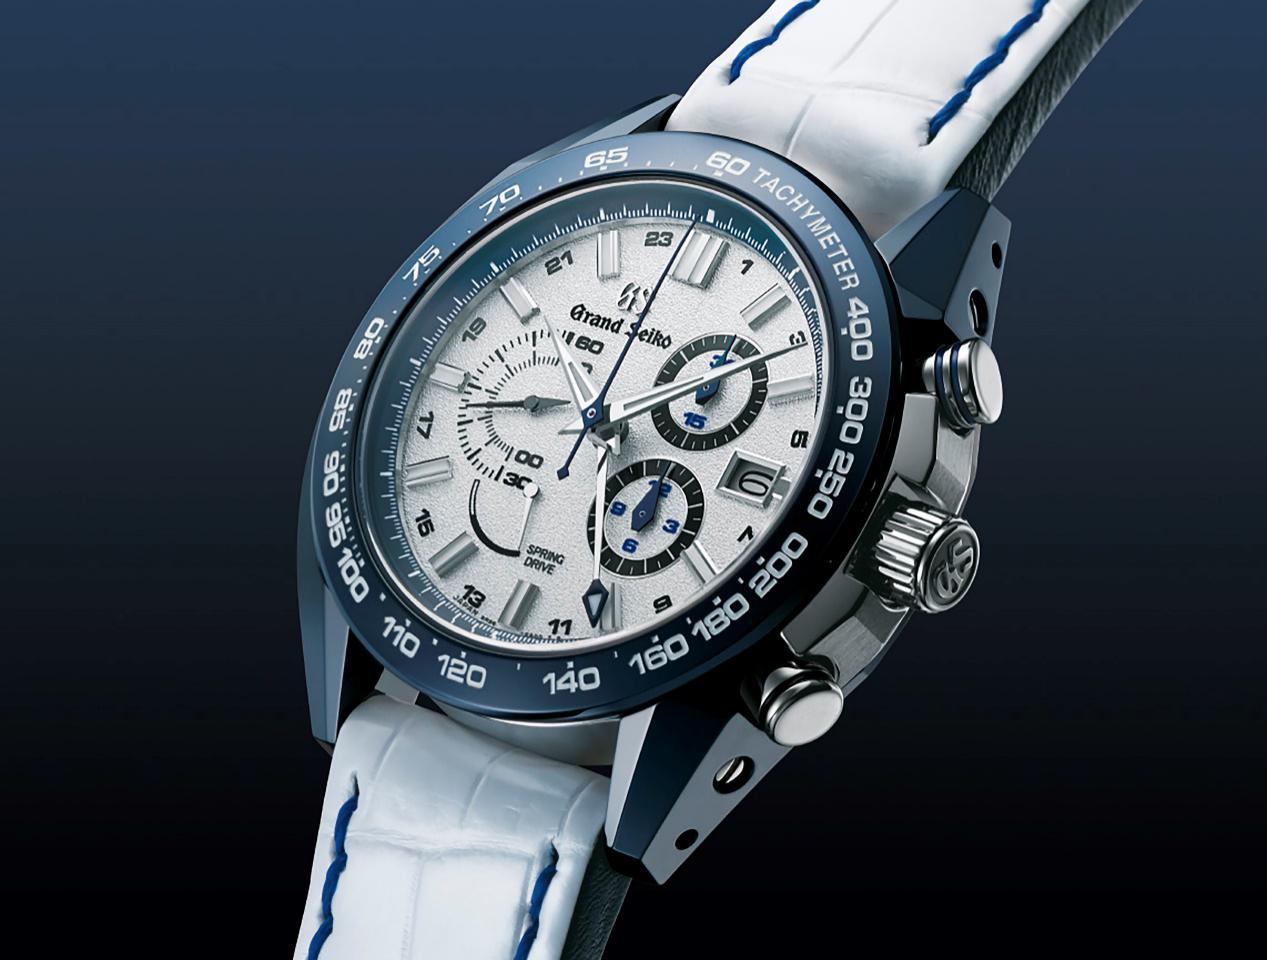 有一种限量腕表 它或许没有独一无二的设计却承担了传承文化的意义